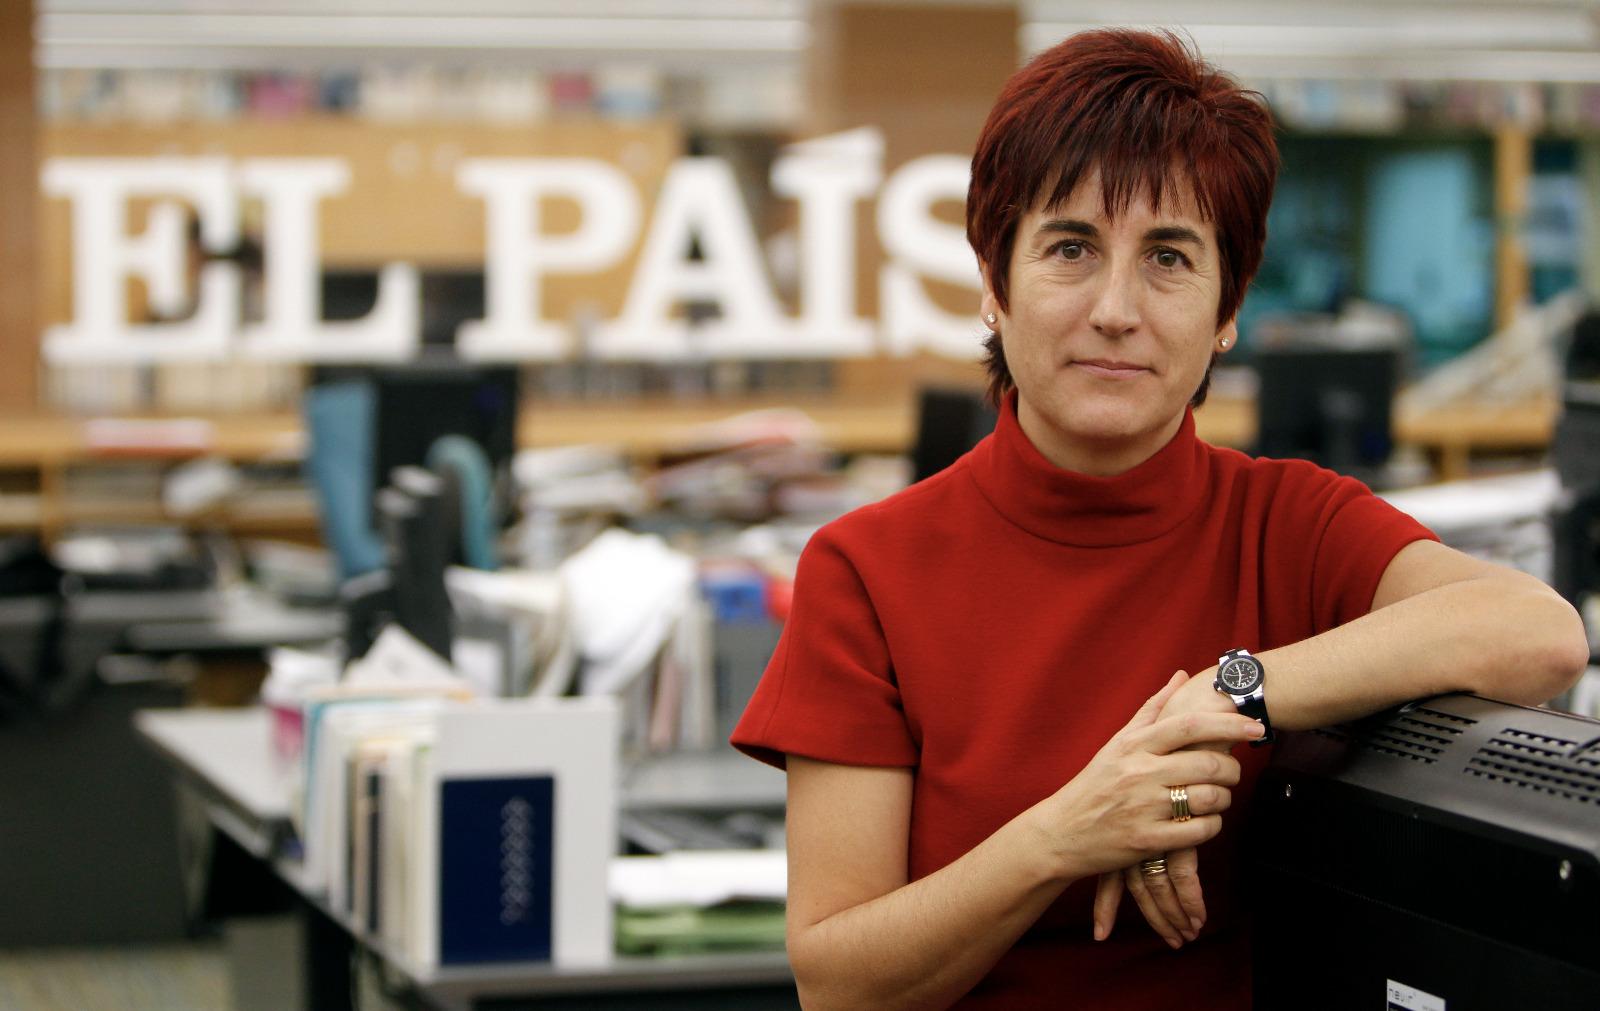 La periodista Ángeles Espinosa ha obtenido el XIV Premio Internacional de Periodismo Julio Anguita Parrado